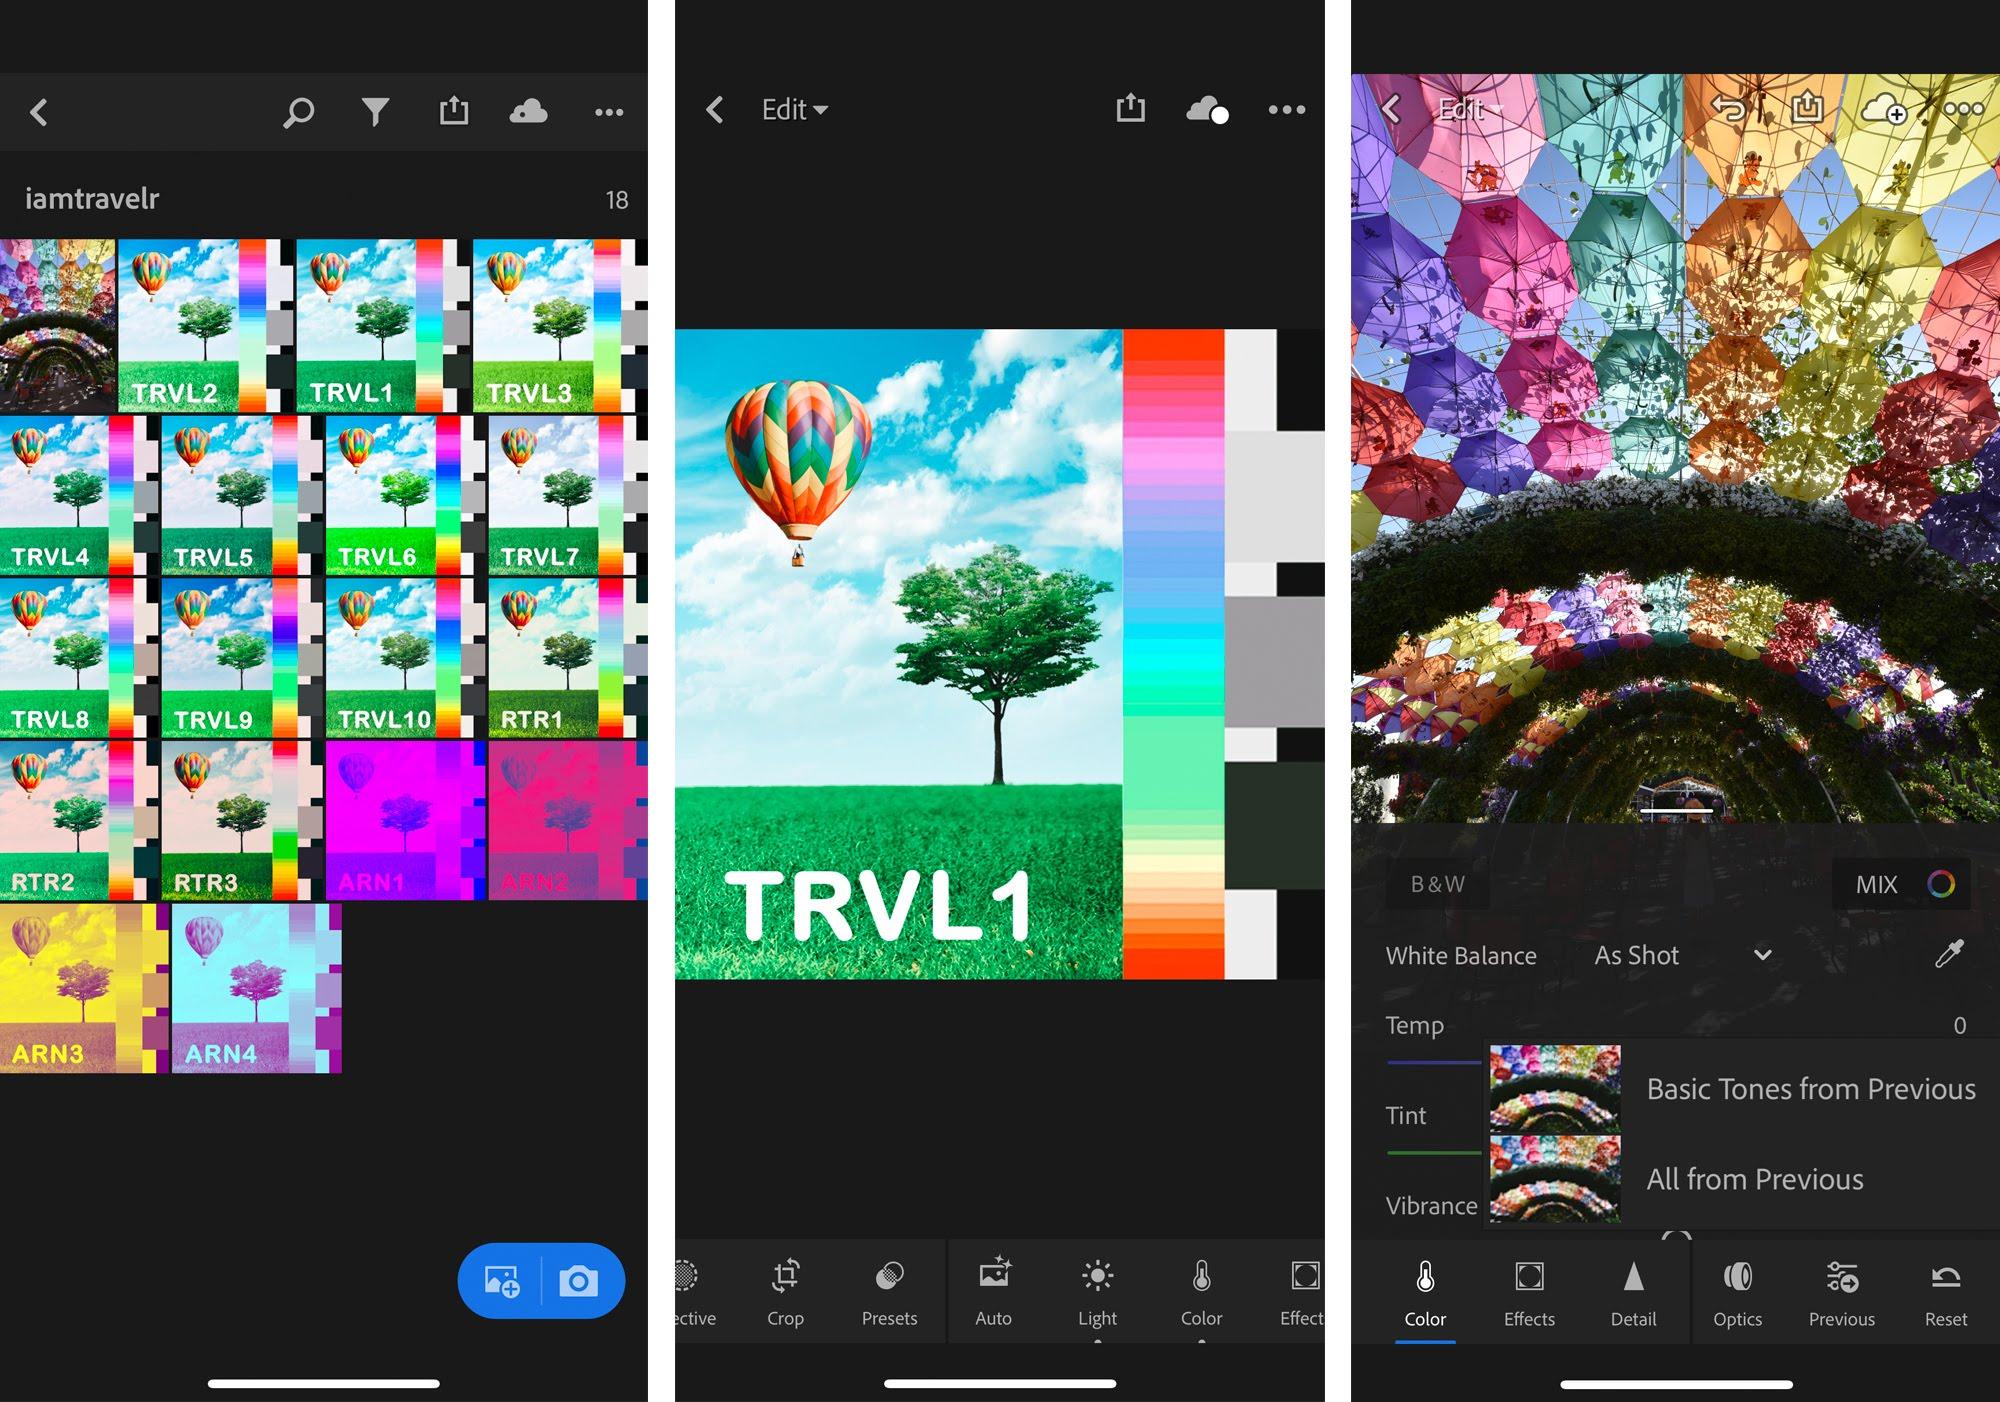 Use iamTravelr filters on Lightroom mobile app | iamTravelr